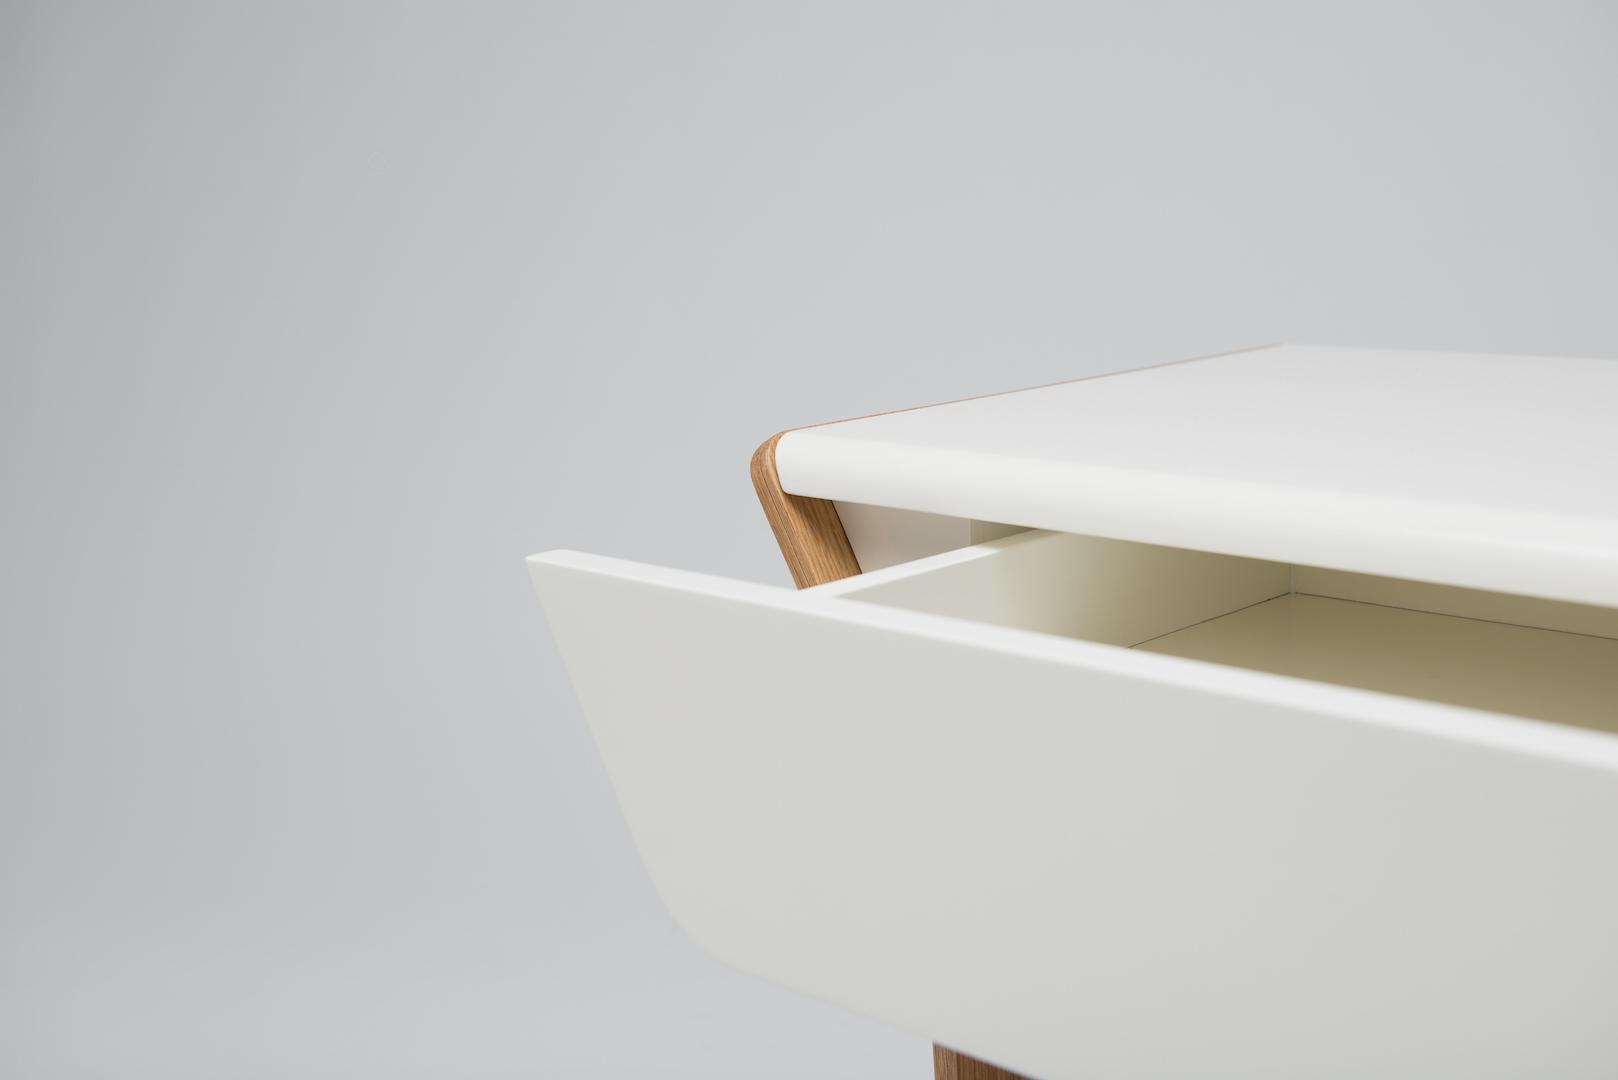 detail-chevet-tiroir-ouvert-helene-hilaire-copie